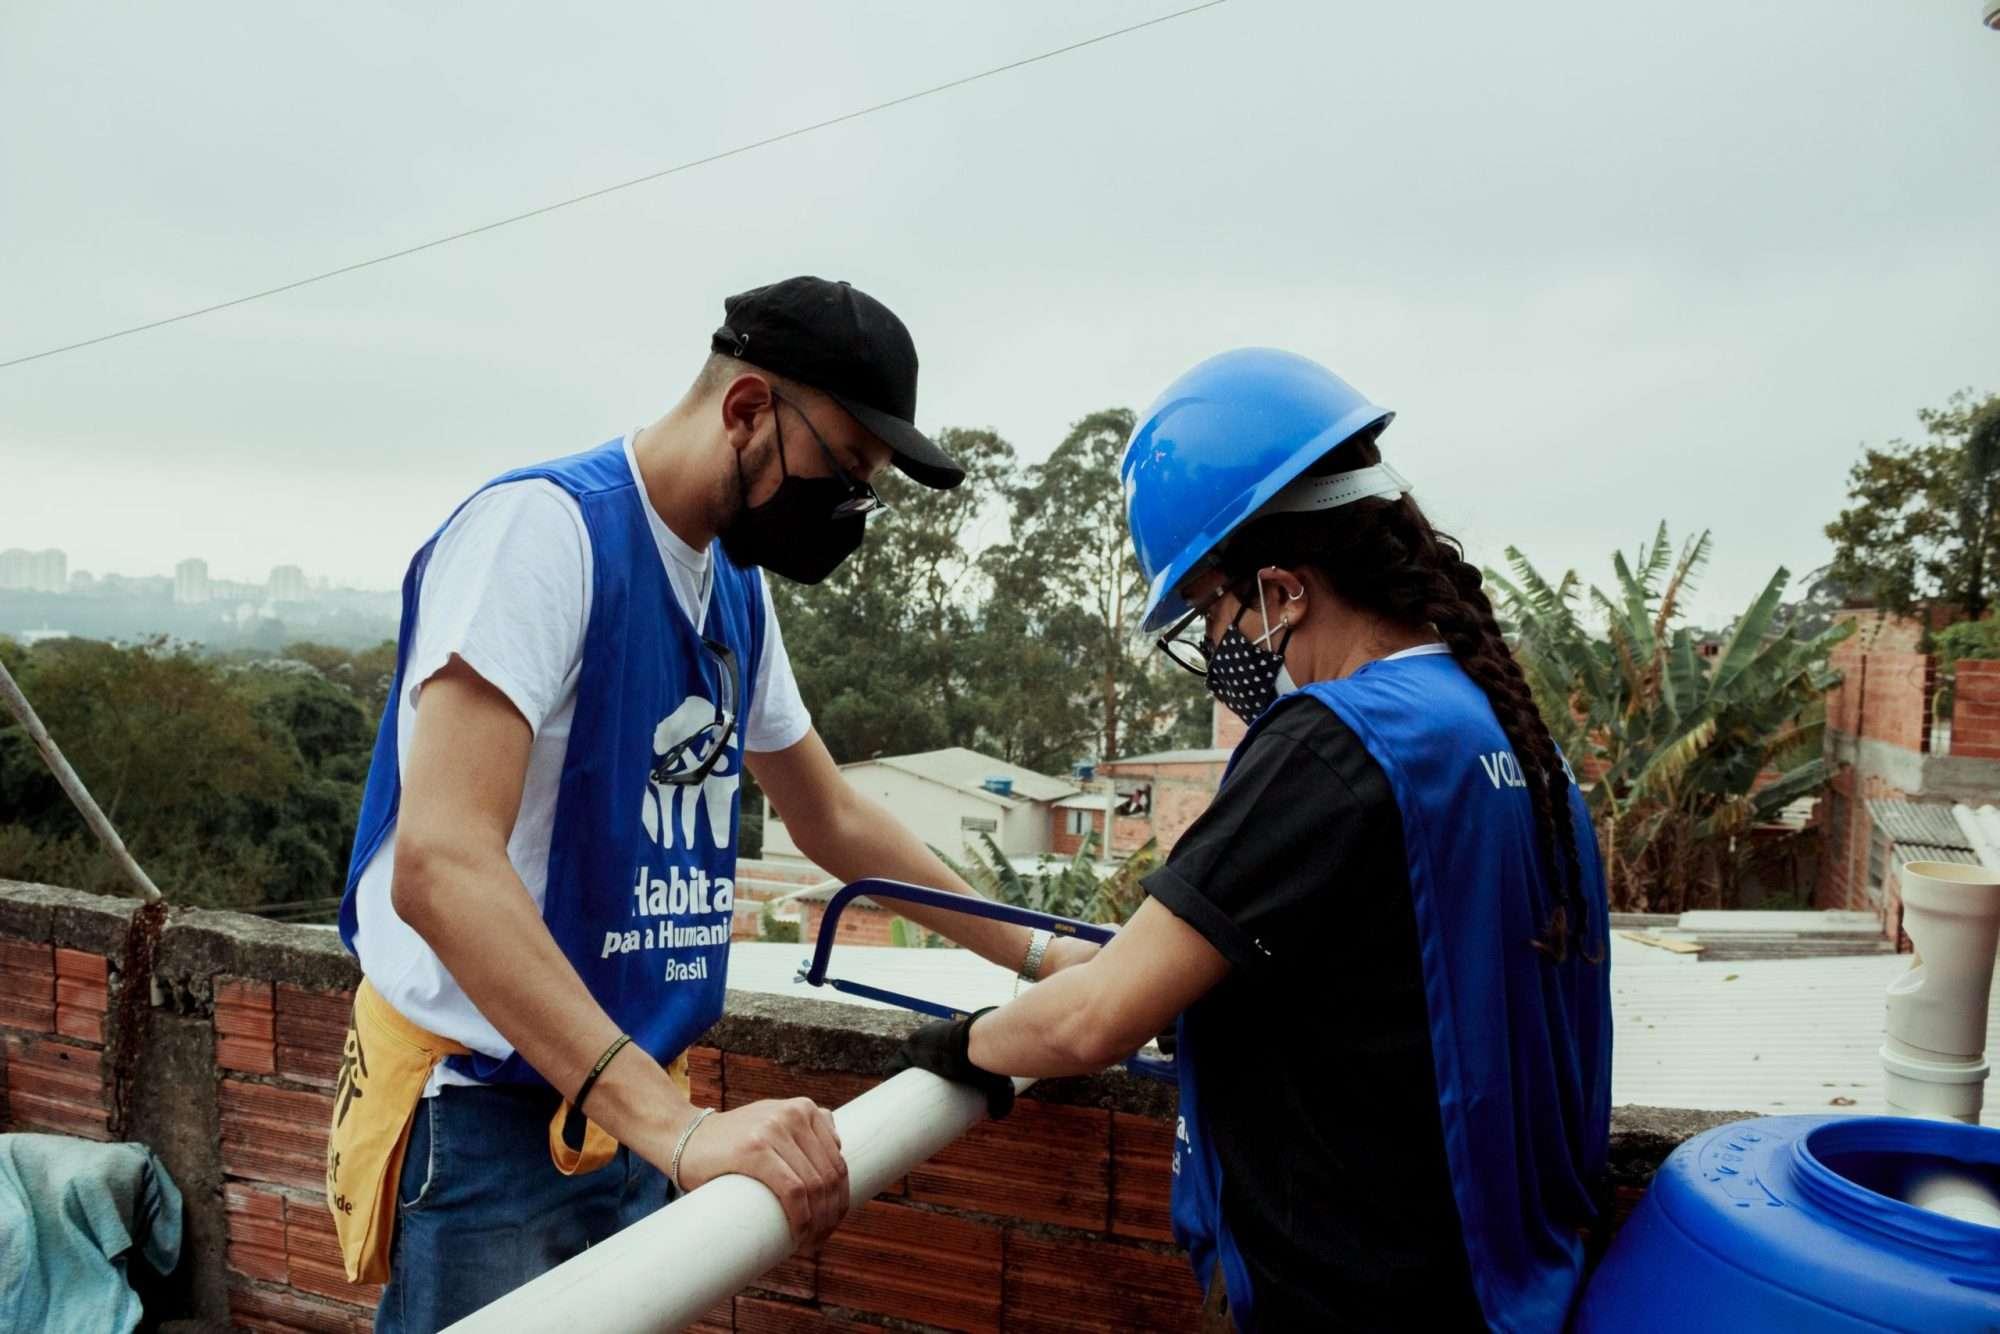 No Brasil, cadeia da construção gera 66 empregos a cada US $1 milhão investidos